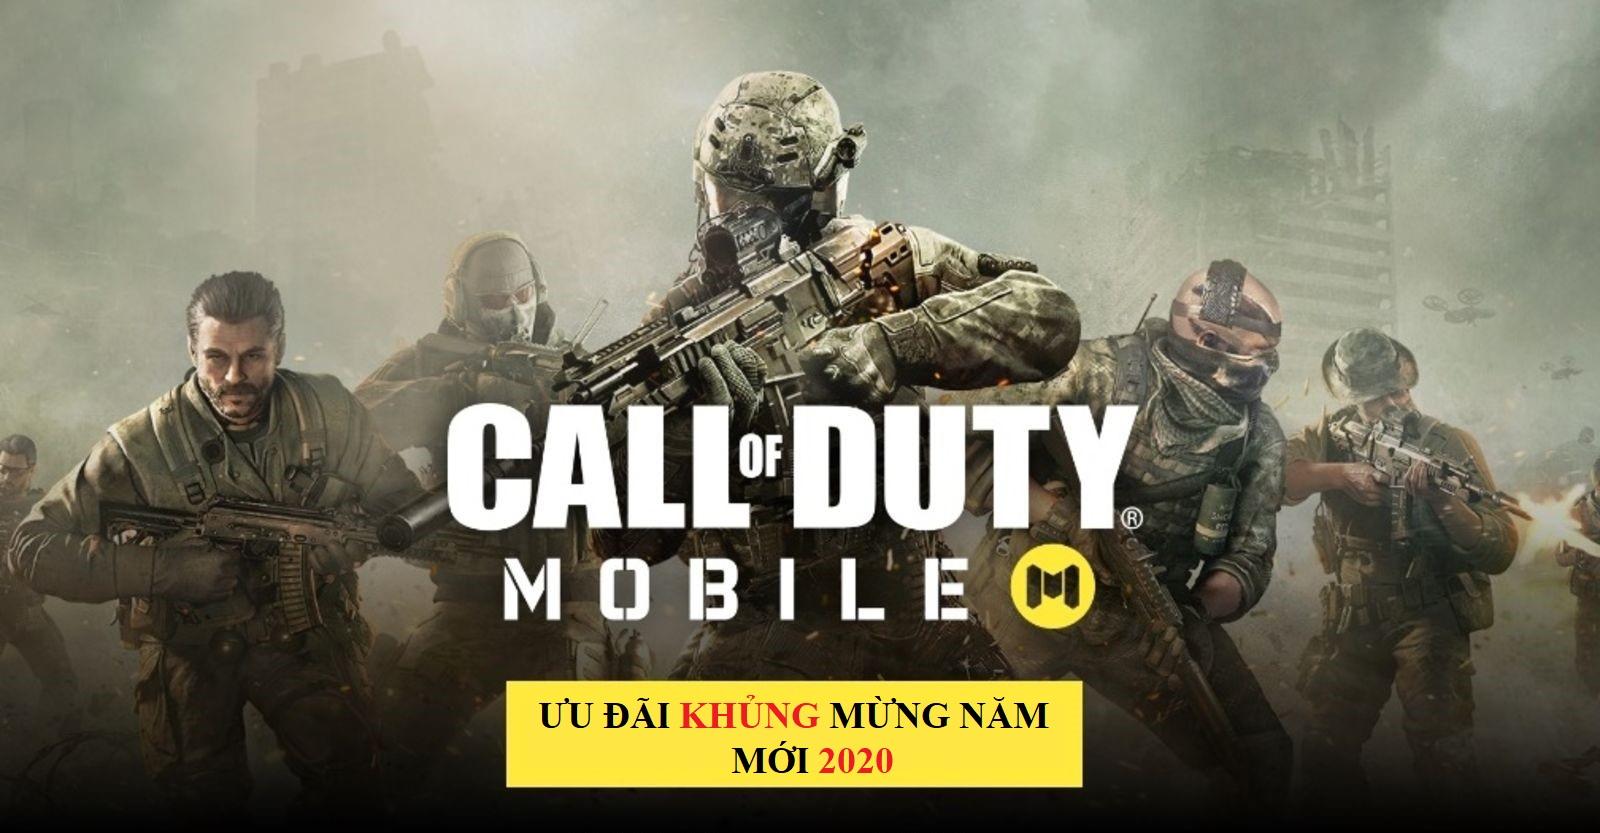 Nạp CP Call Of Duty giá rẻ, uy tín 2020